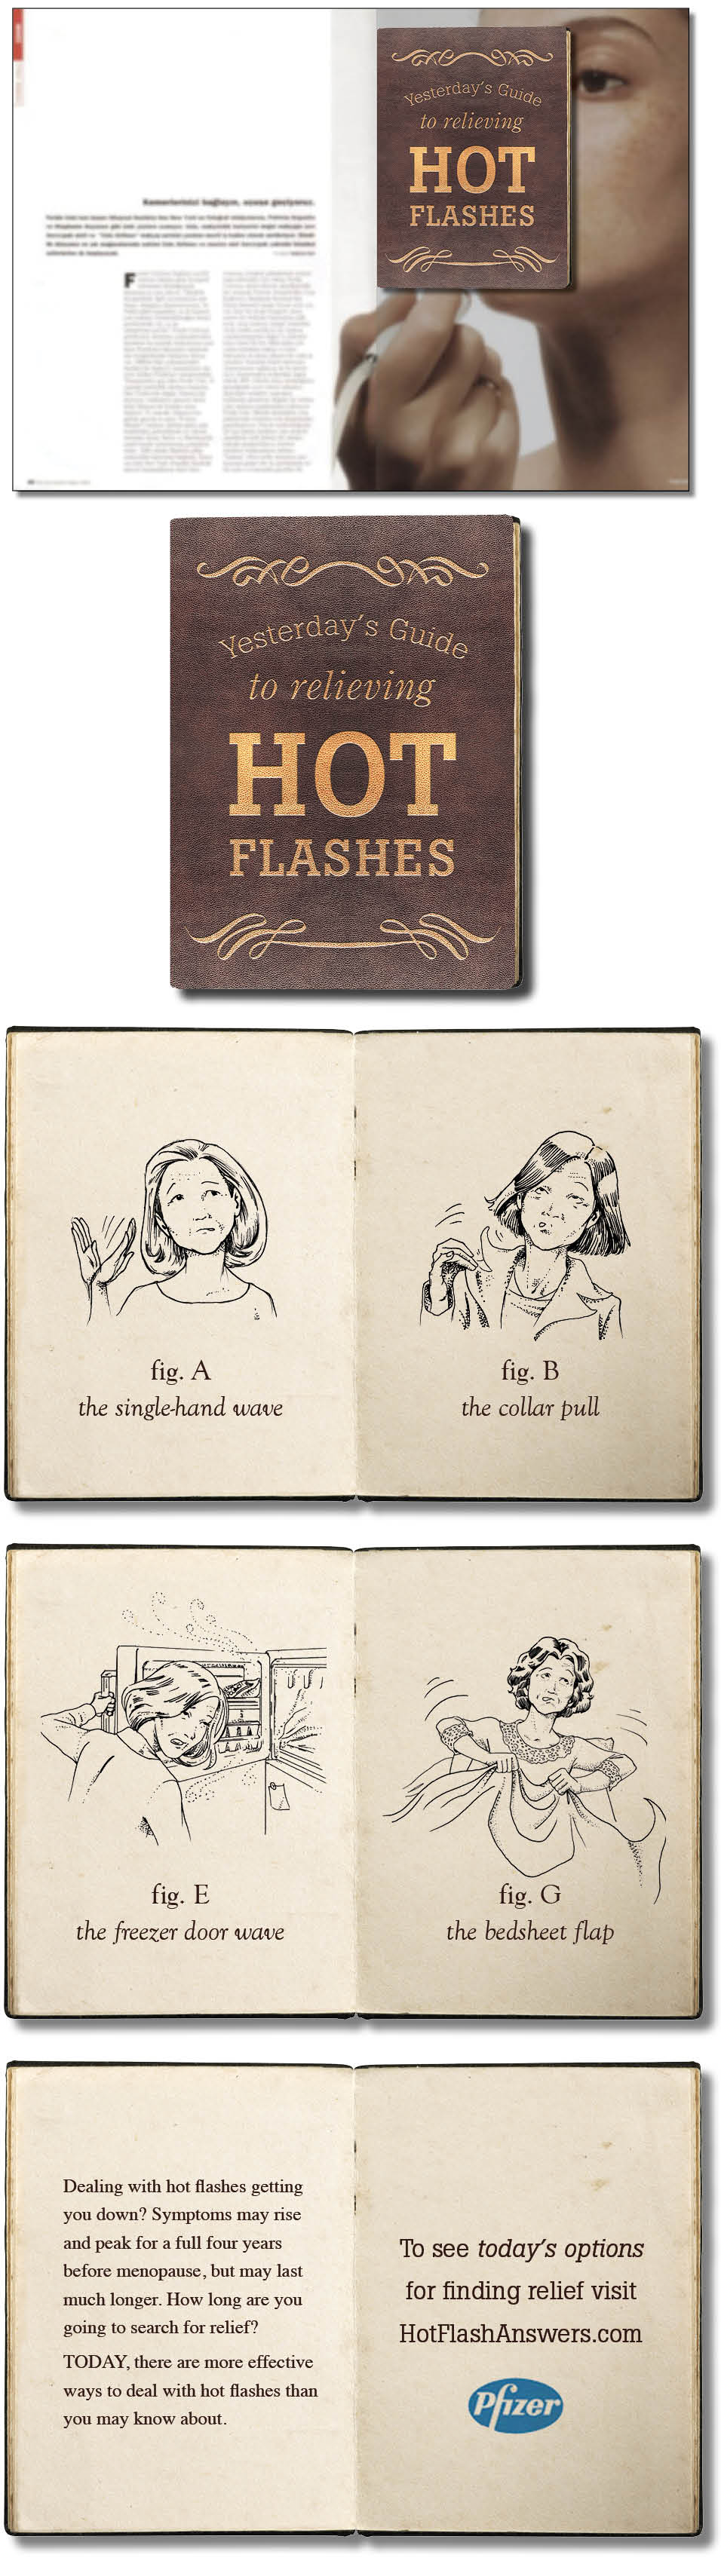 hotflash-book (3).jpg